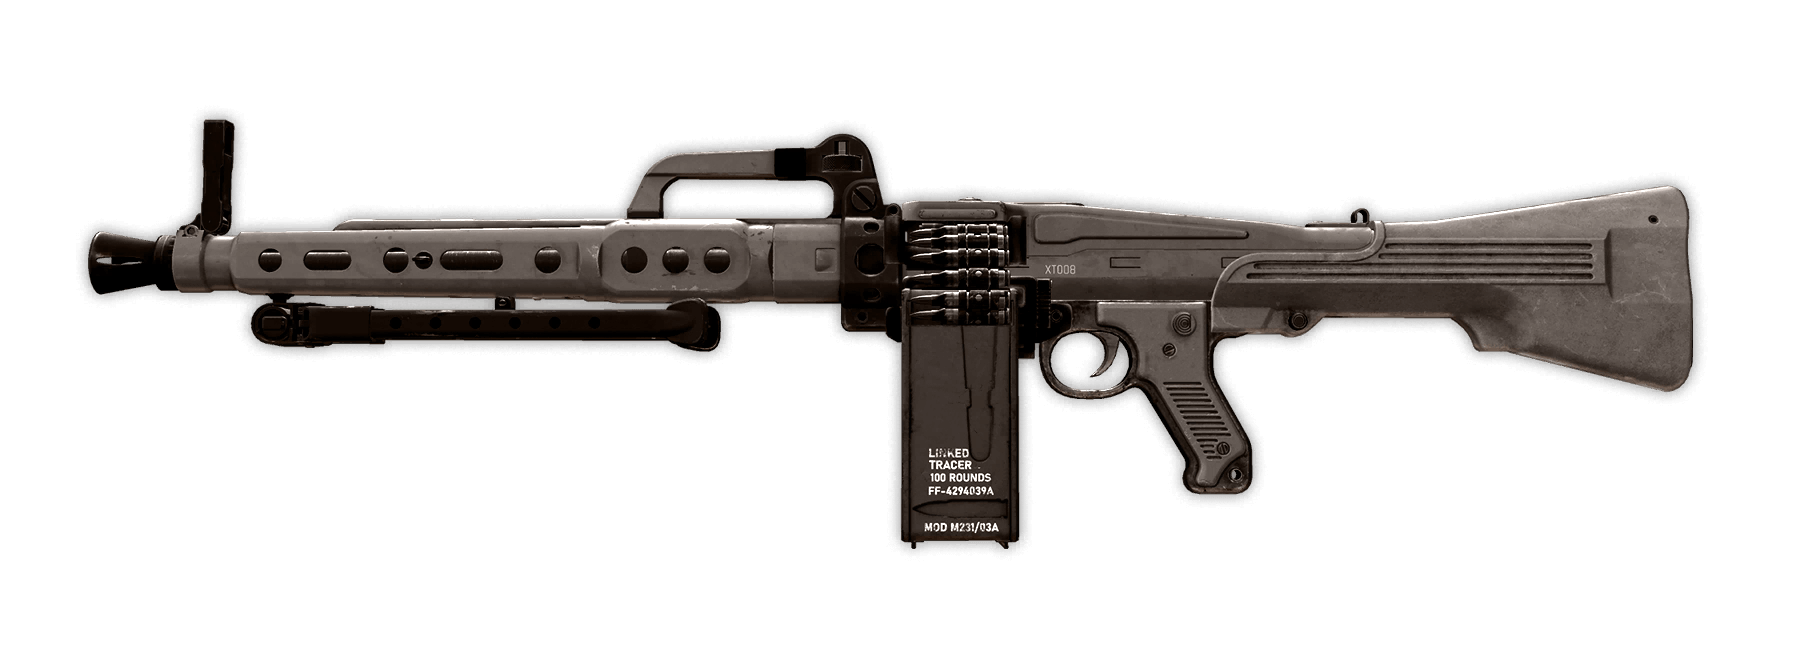 Image of MG 82